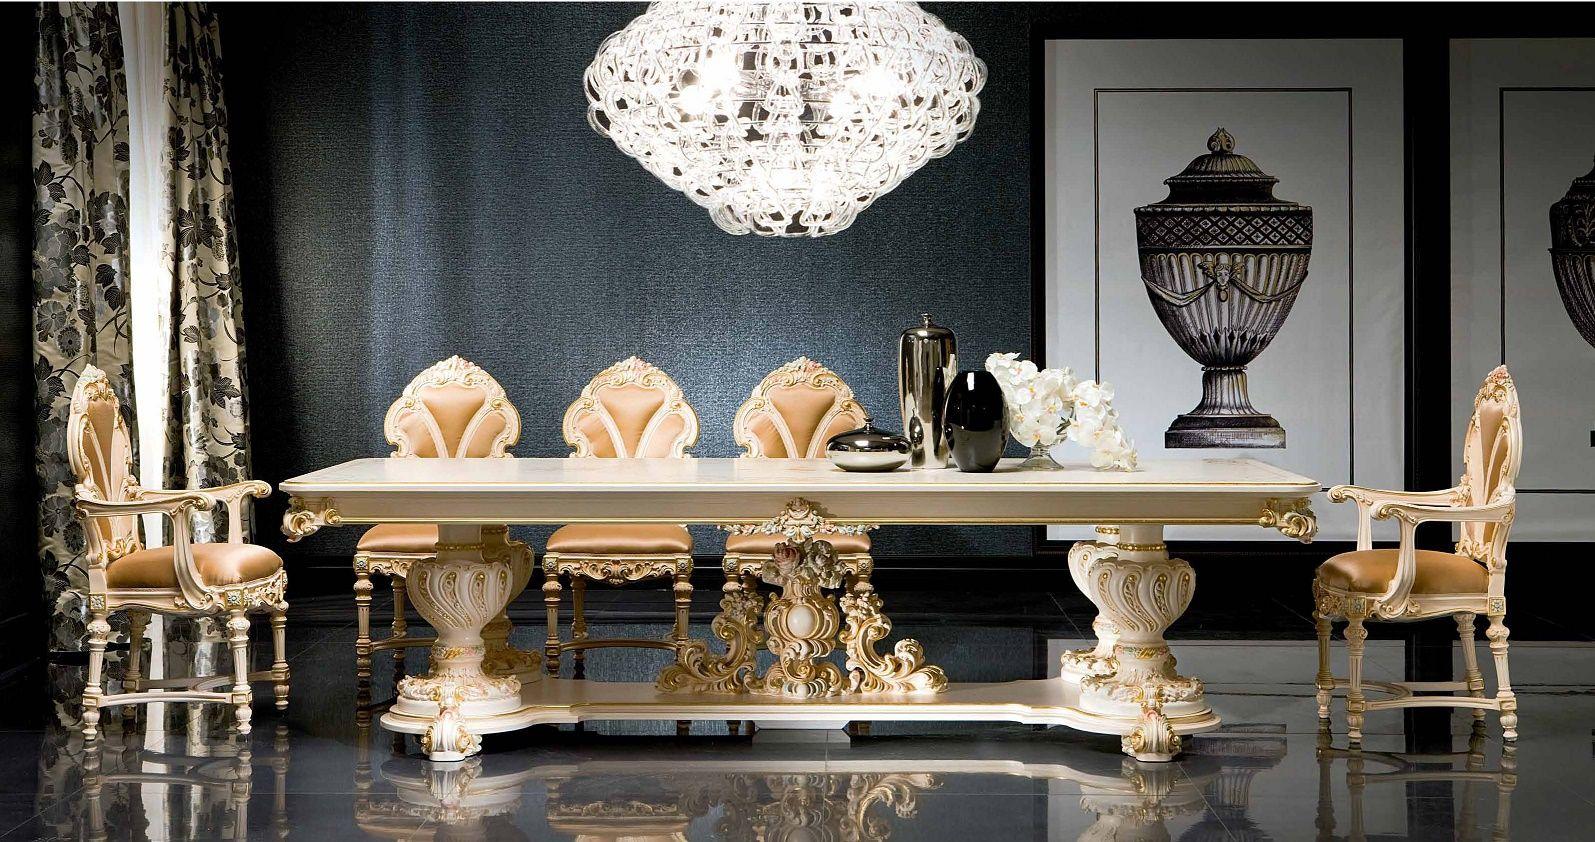 luxus-möbel - luxus esszimmer serie silik fidiadie möbel aus italien